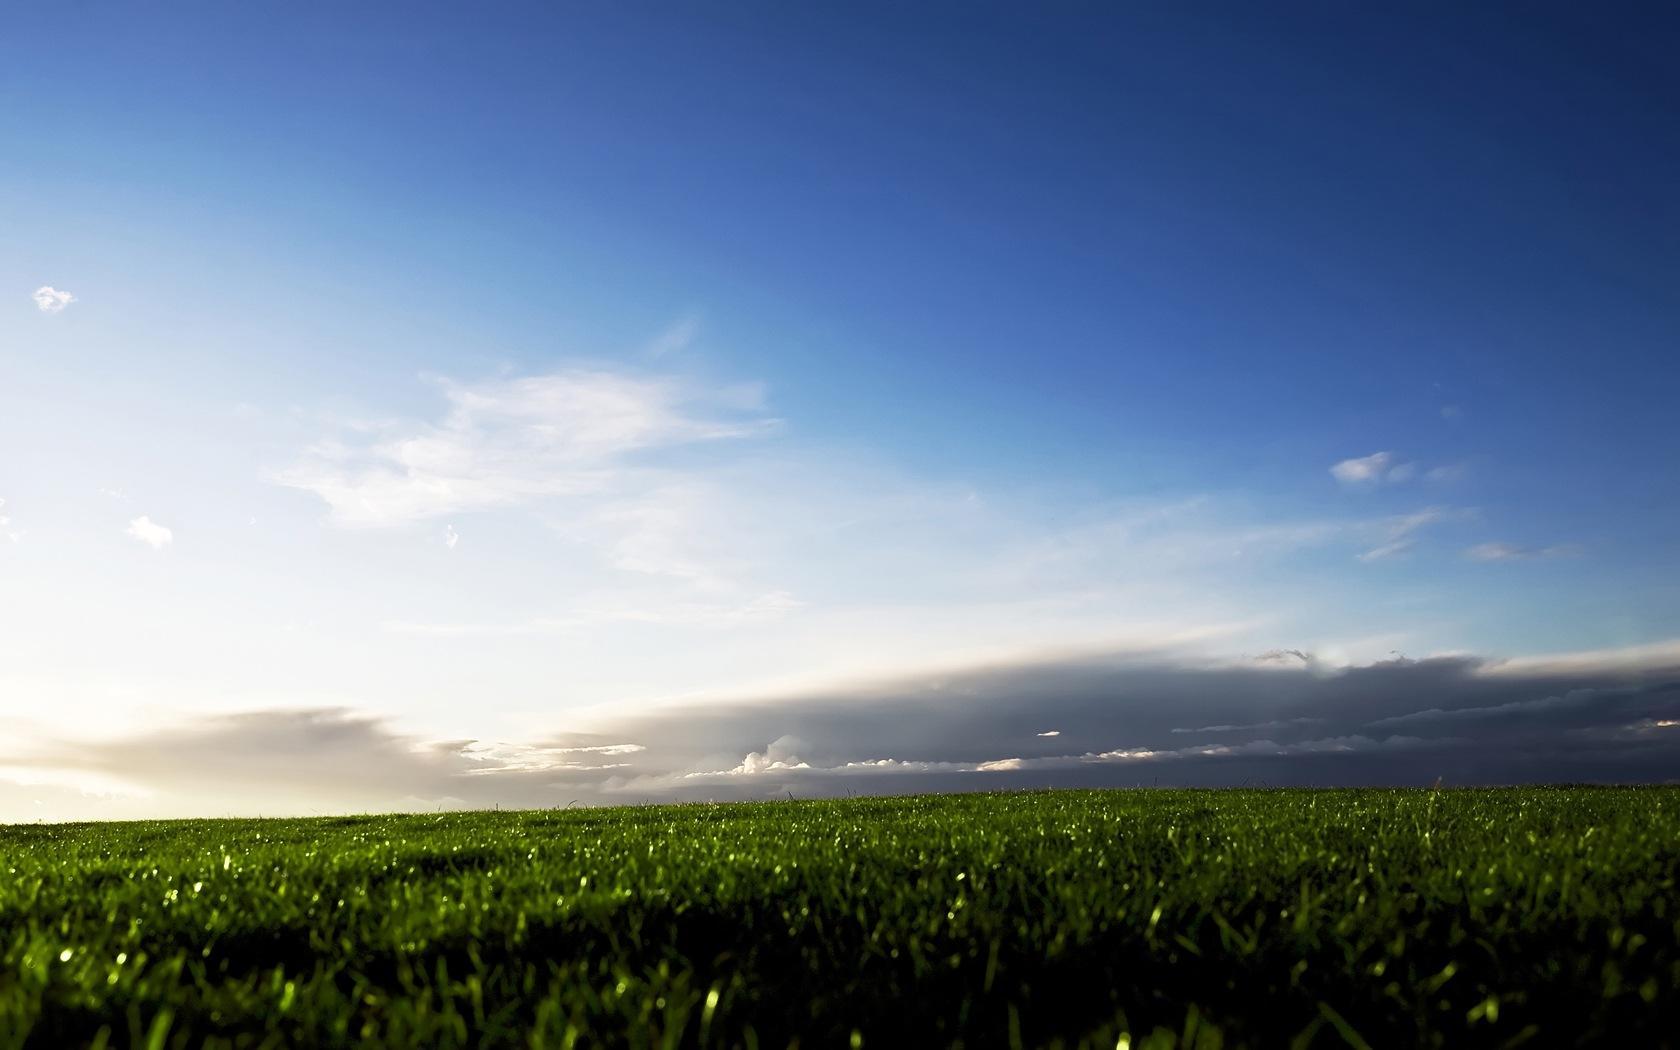 Зеленая трава на фоне неба 1680x1050